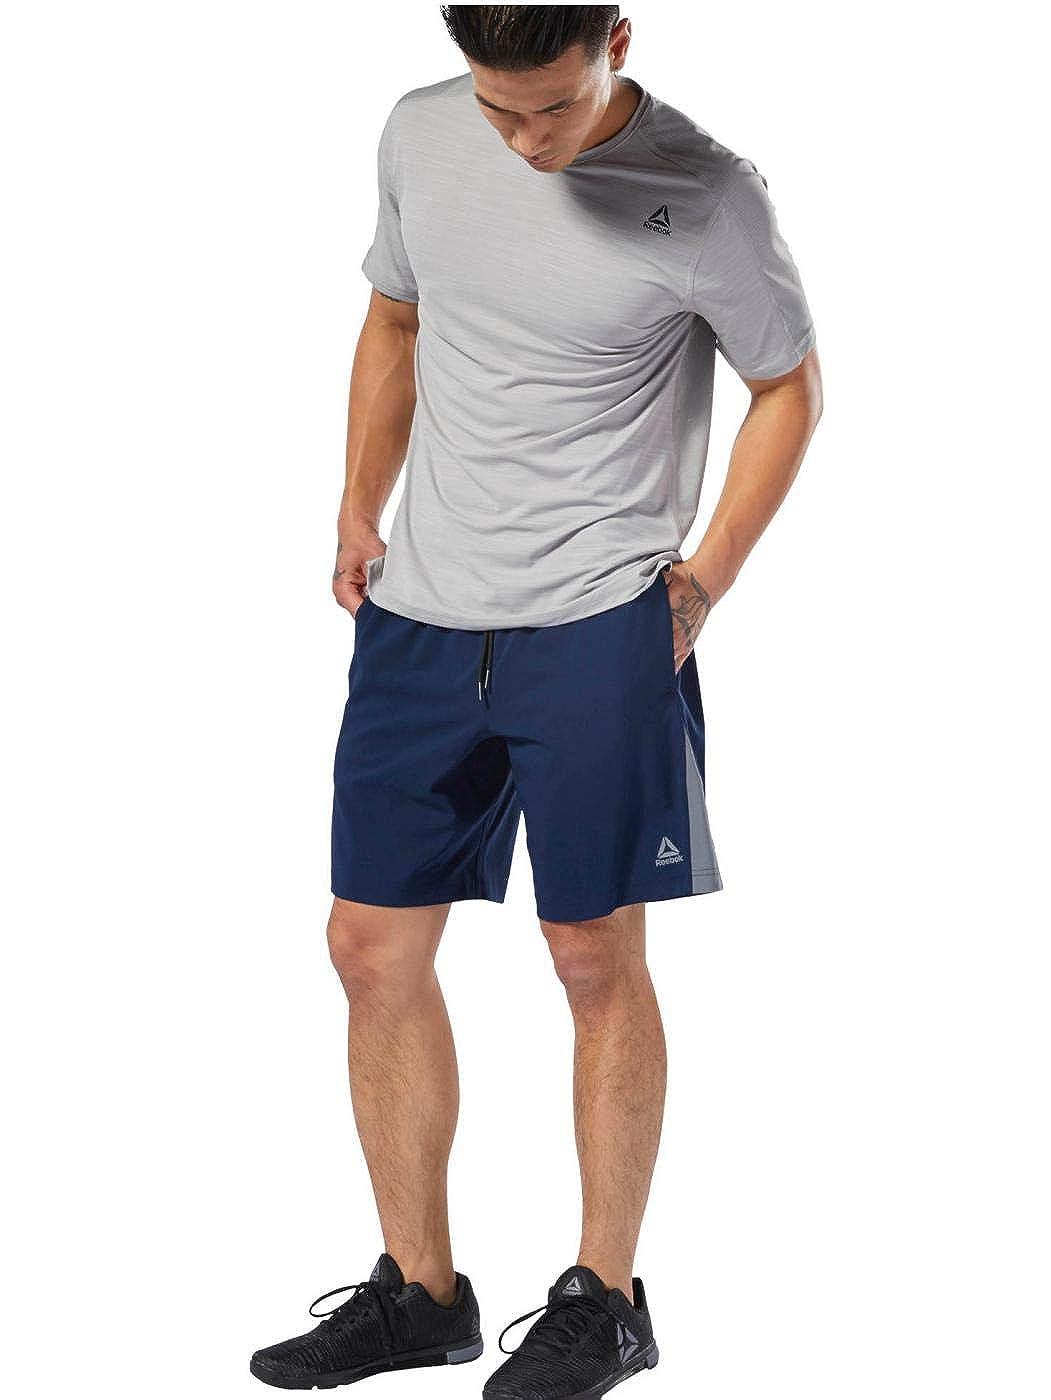 TALLA S. Reebok Wor Woven Short Pantalón Corto, Hombre